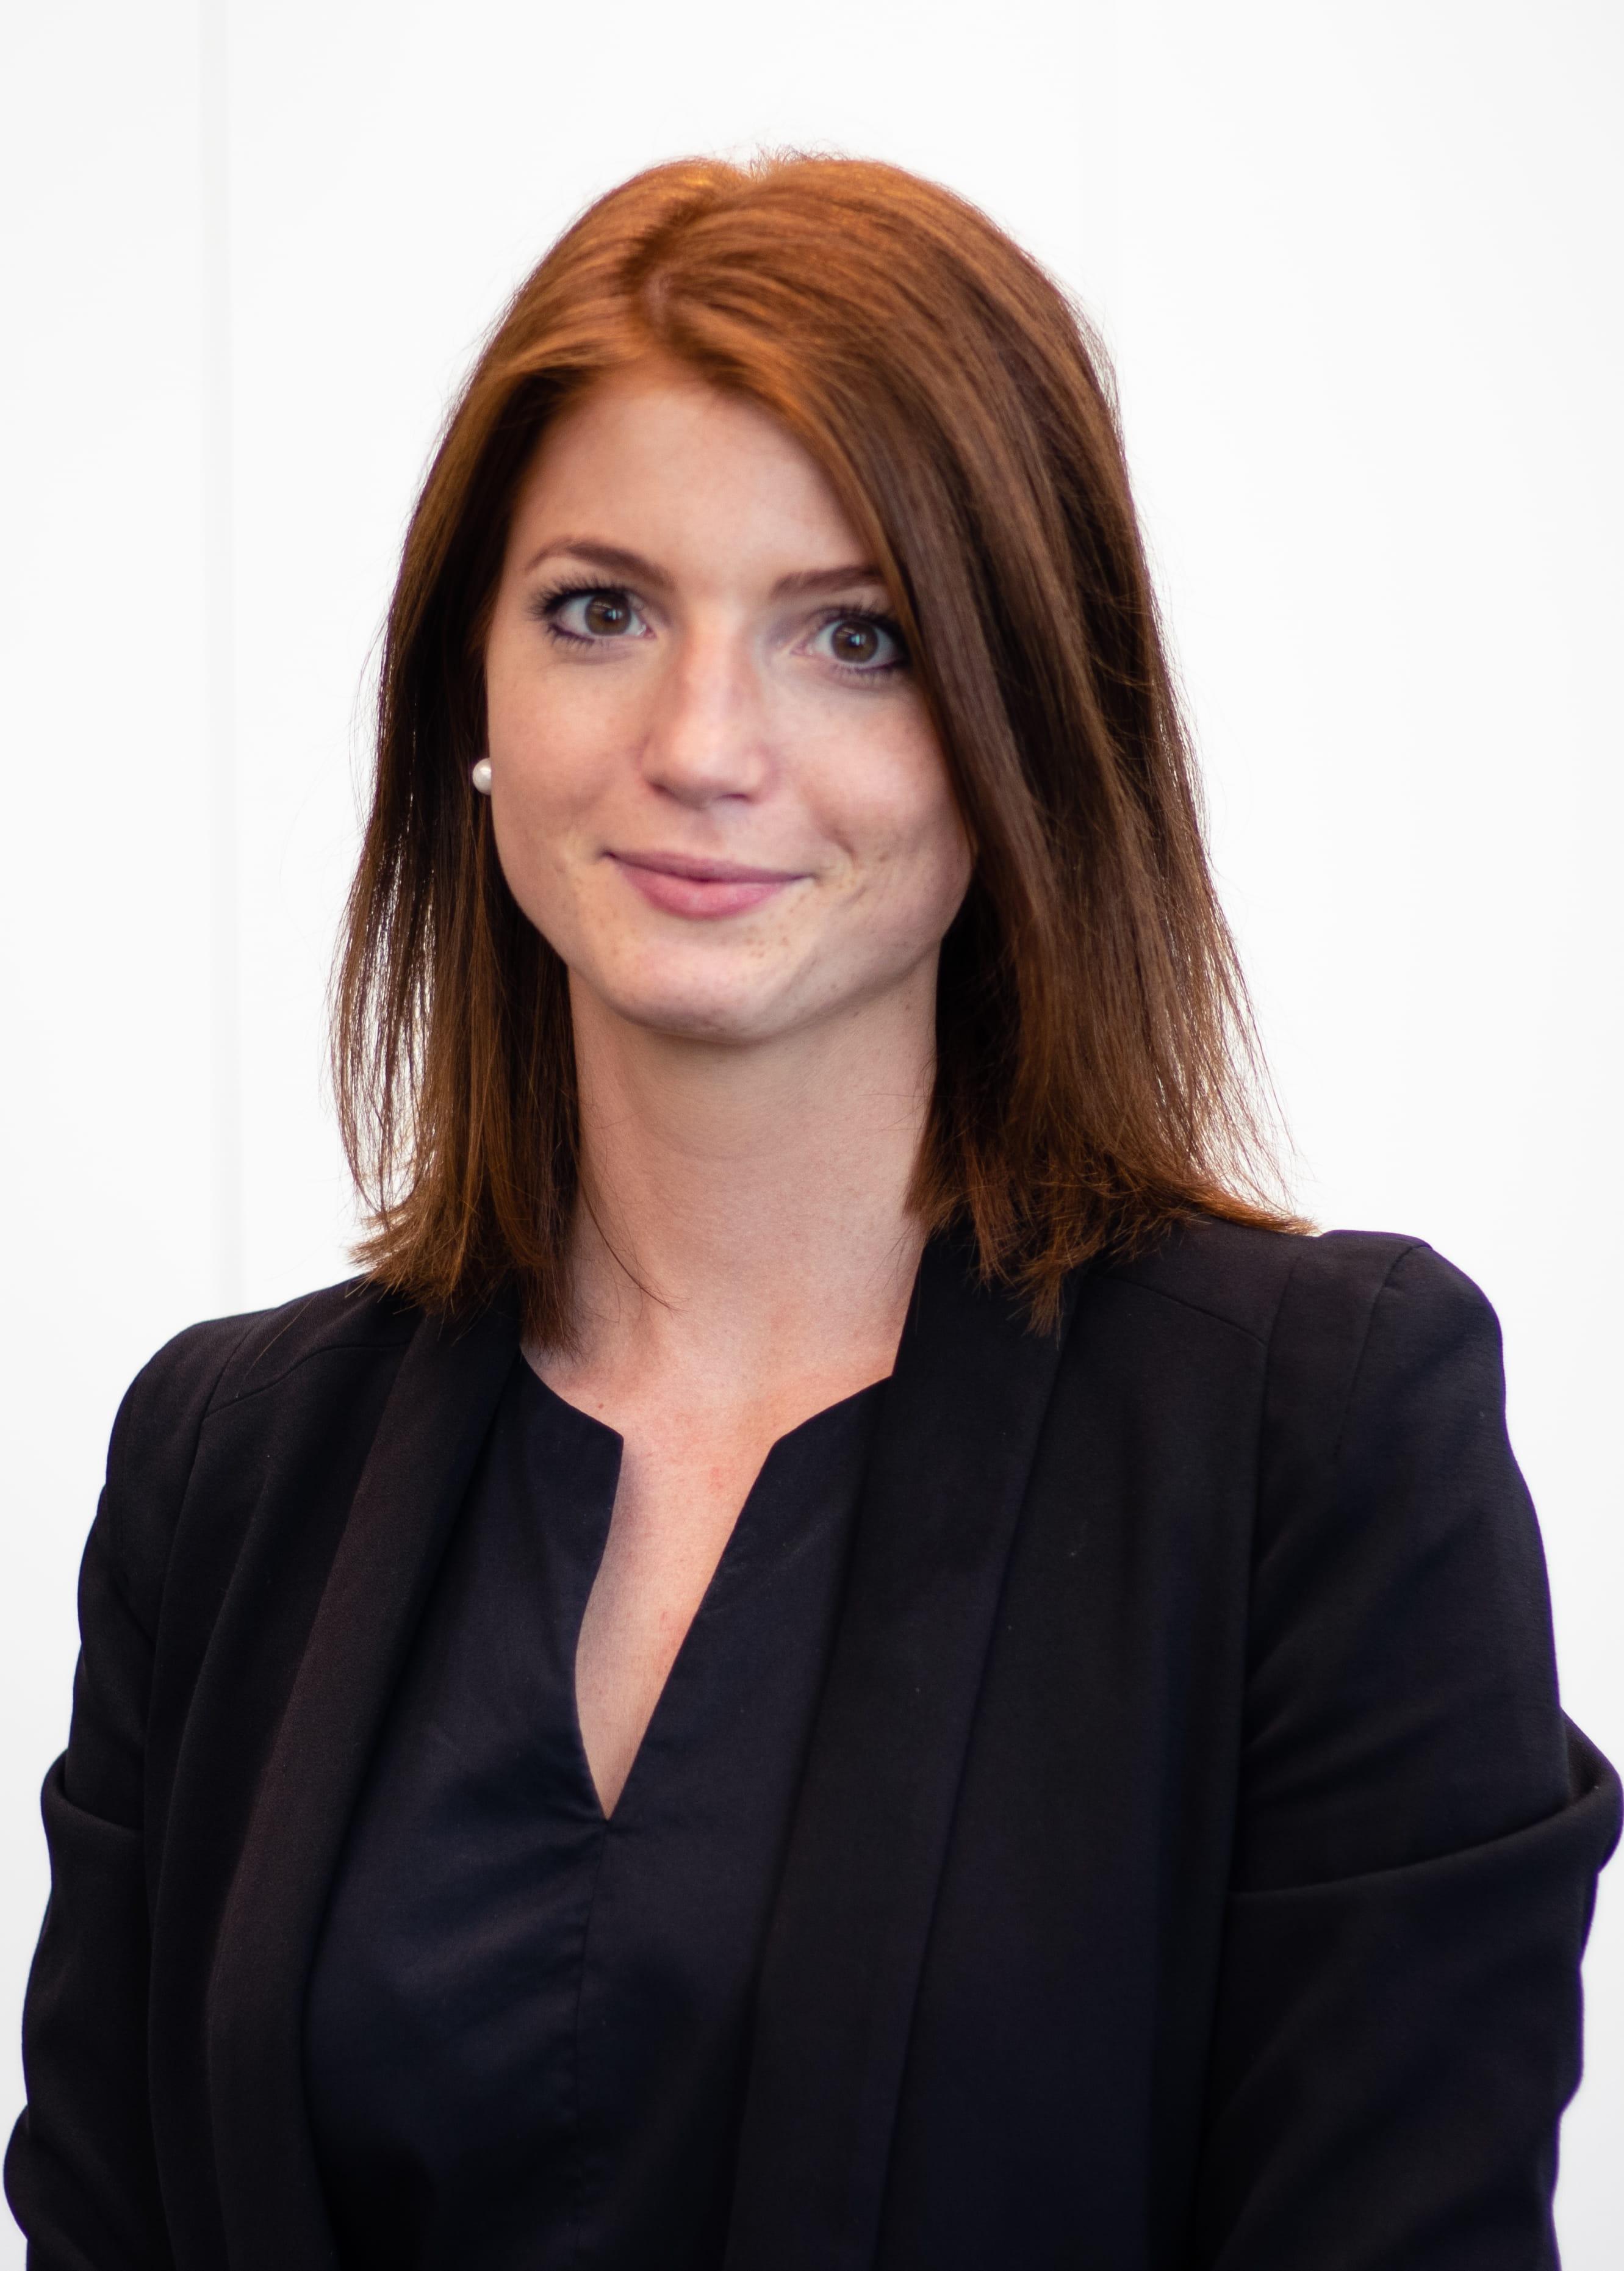 Bianca Wimmer